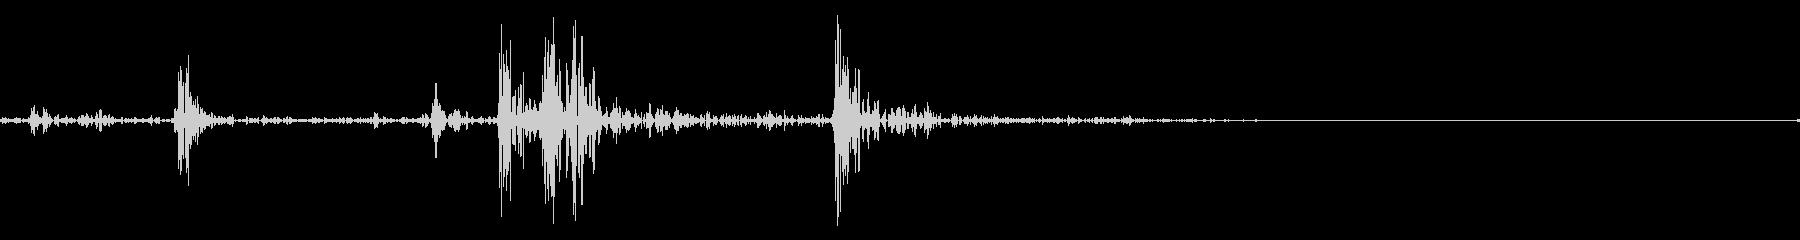 カシャ(シャッター音、タップ音などの未再生の波形